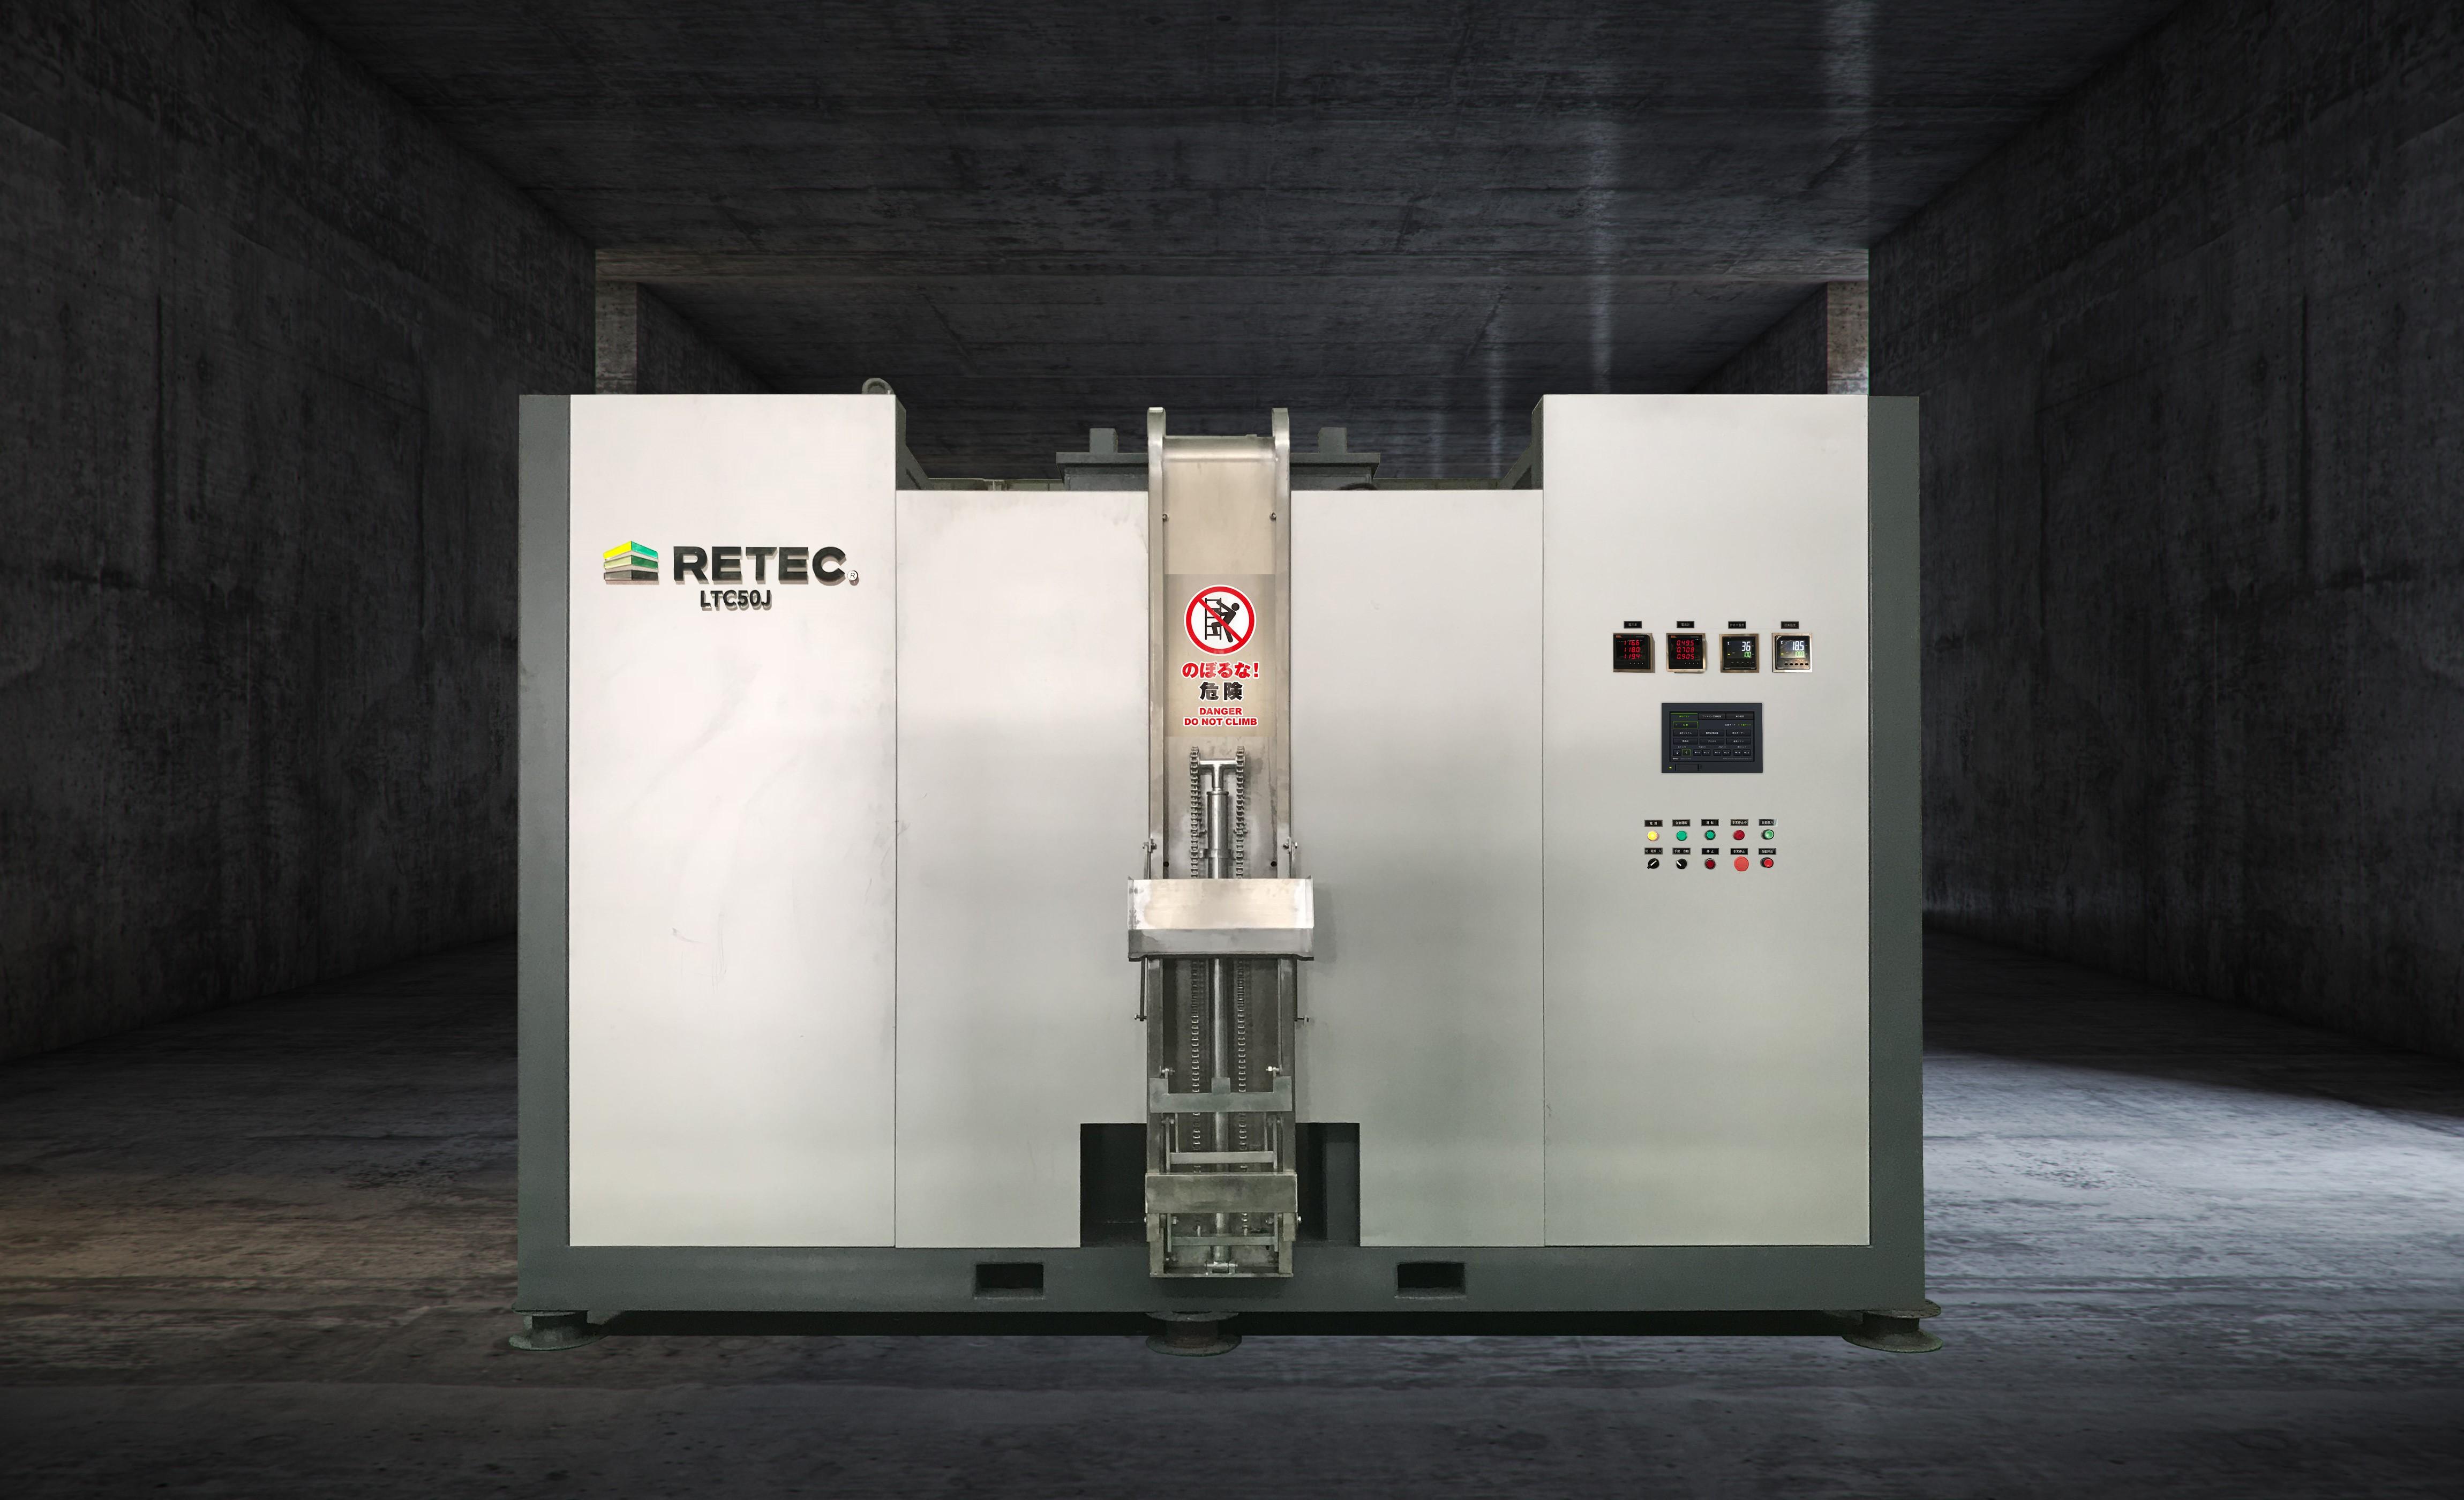 RETEC-LTC50J.jpg